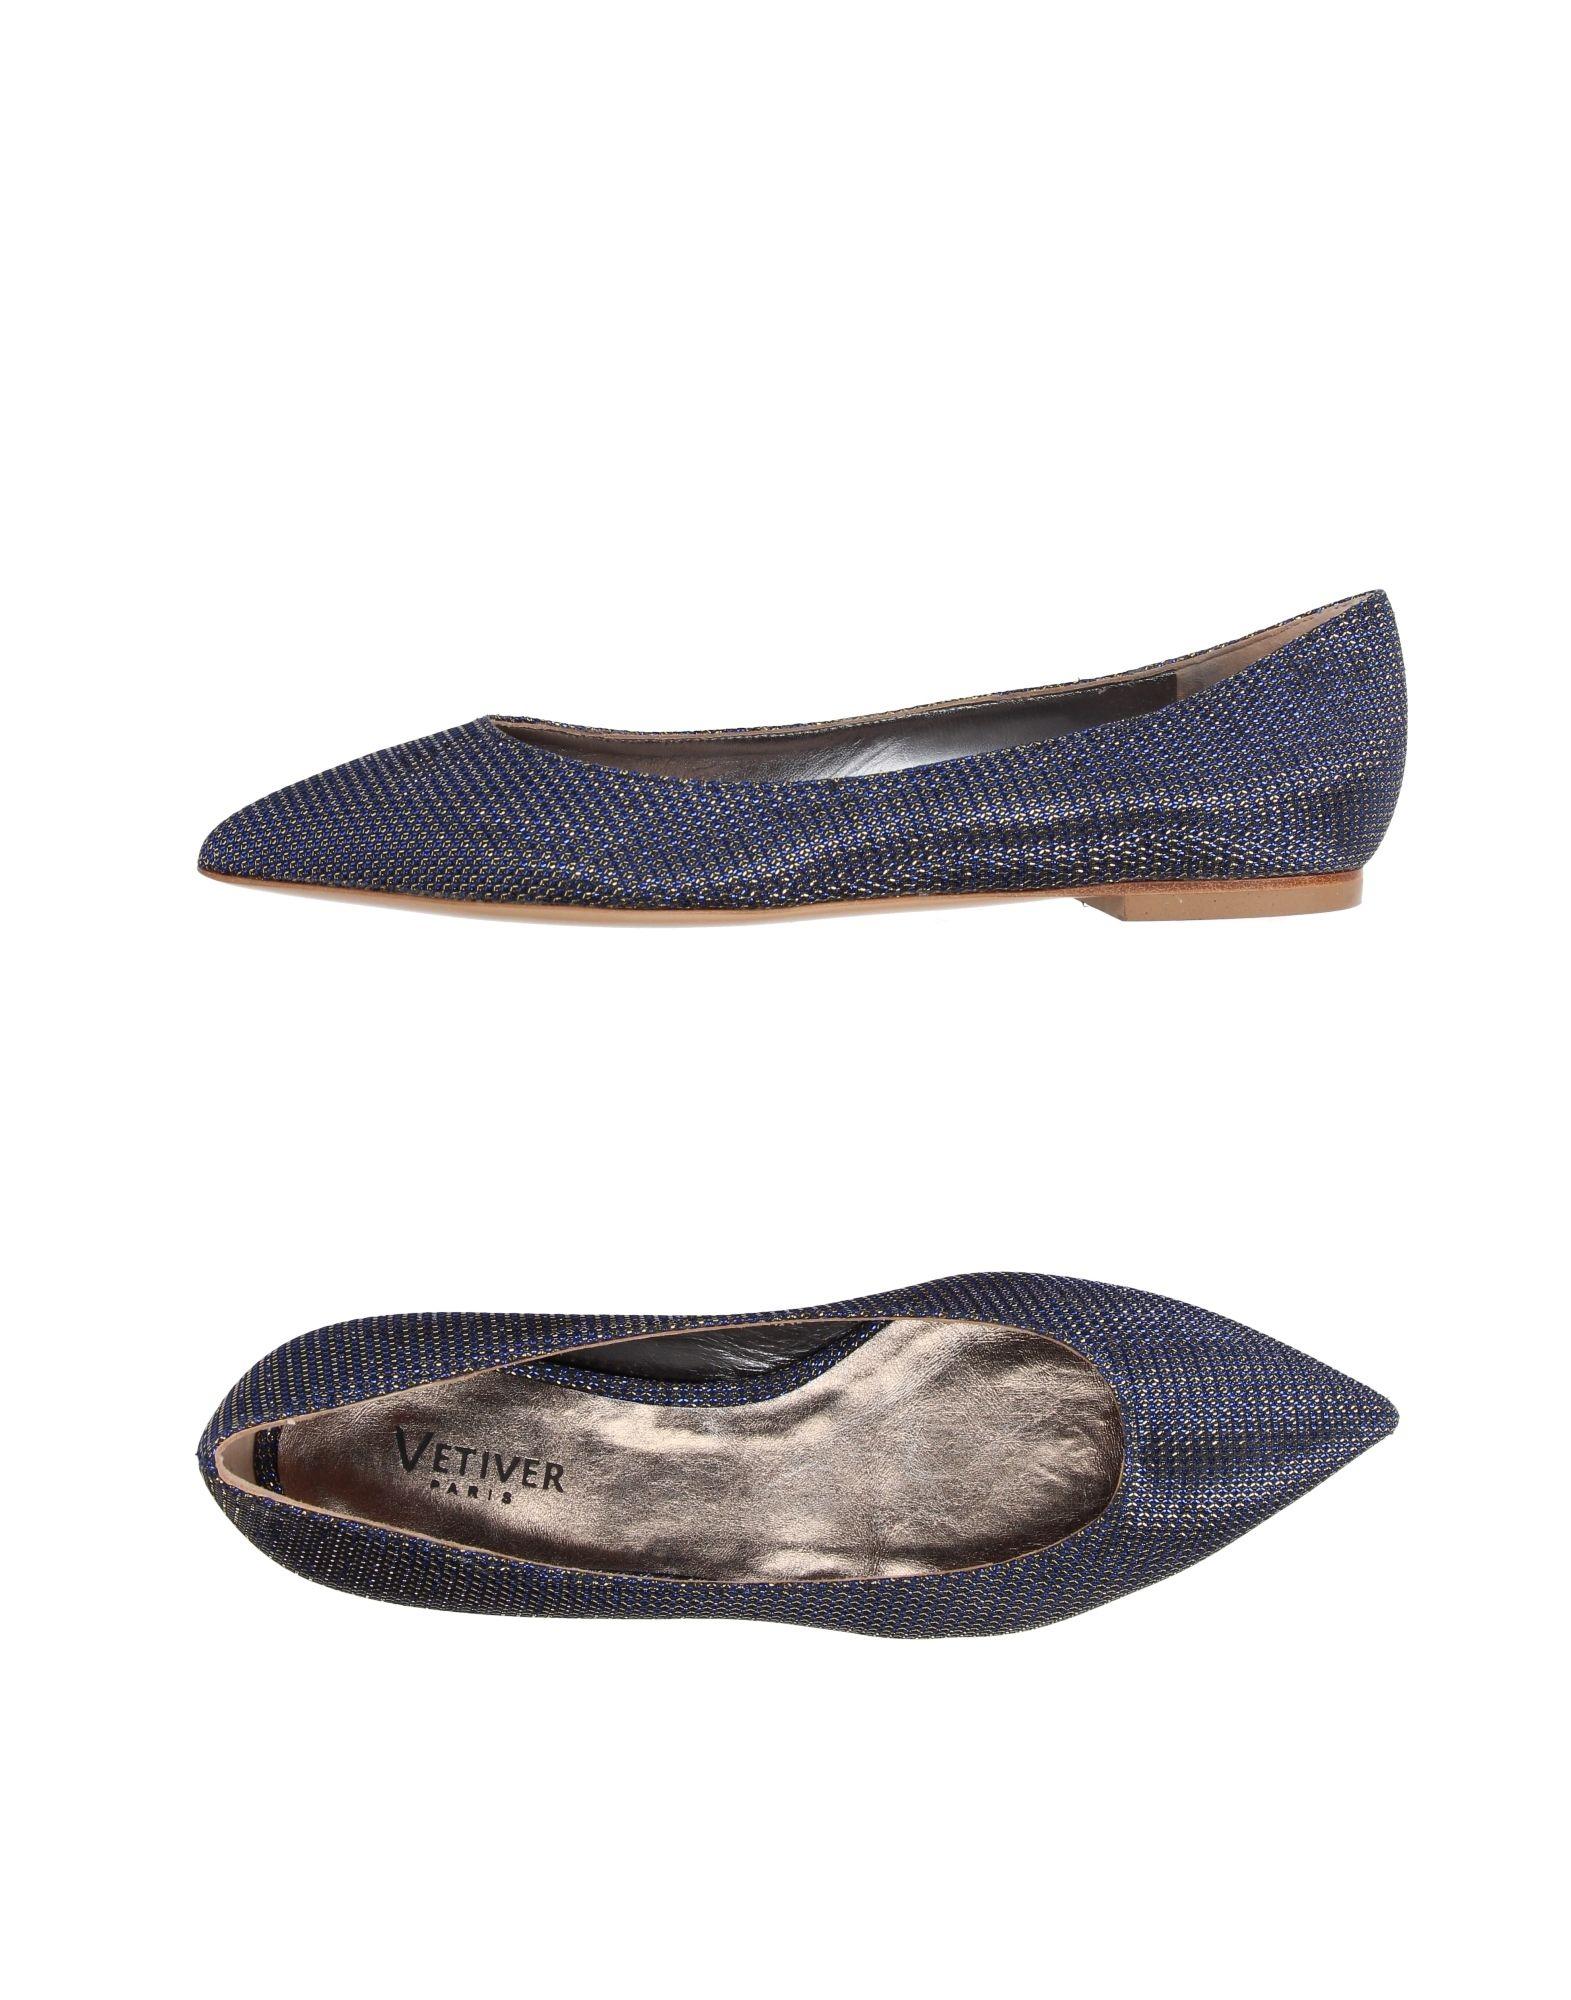 Haltbare Mode billige Schuhe Vetiver Ballerinas Damen  11225540AR Heiße Schuhe